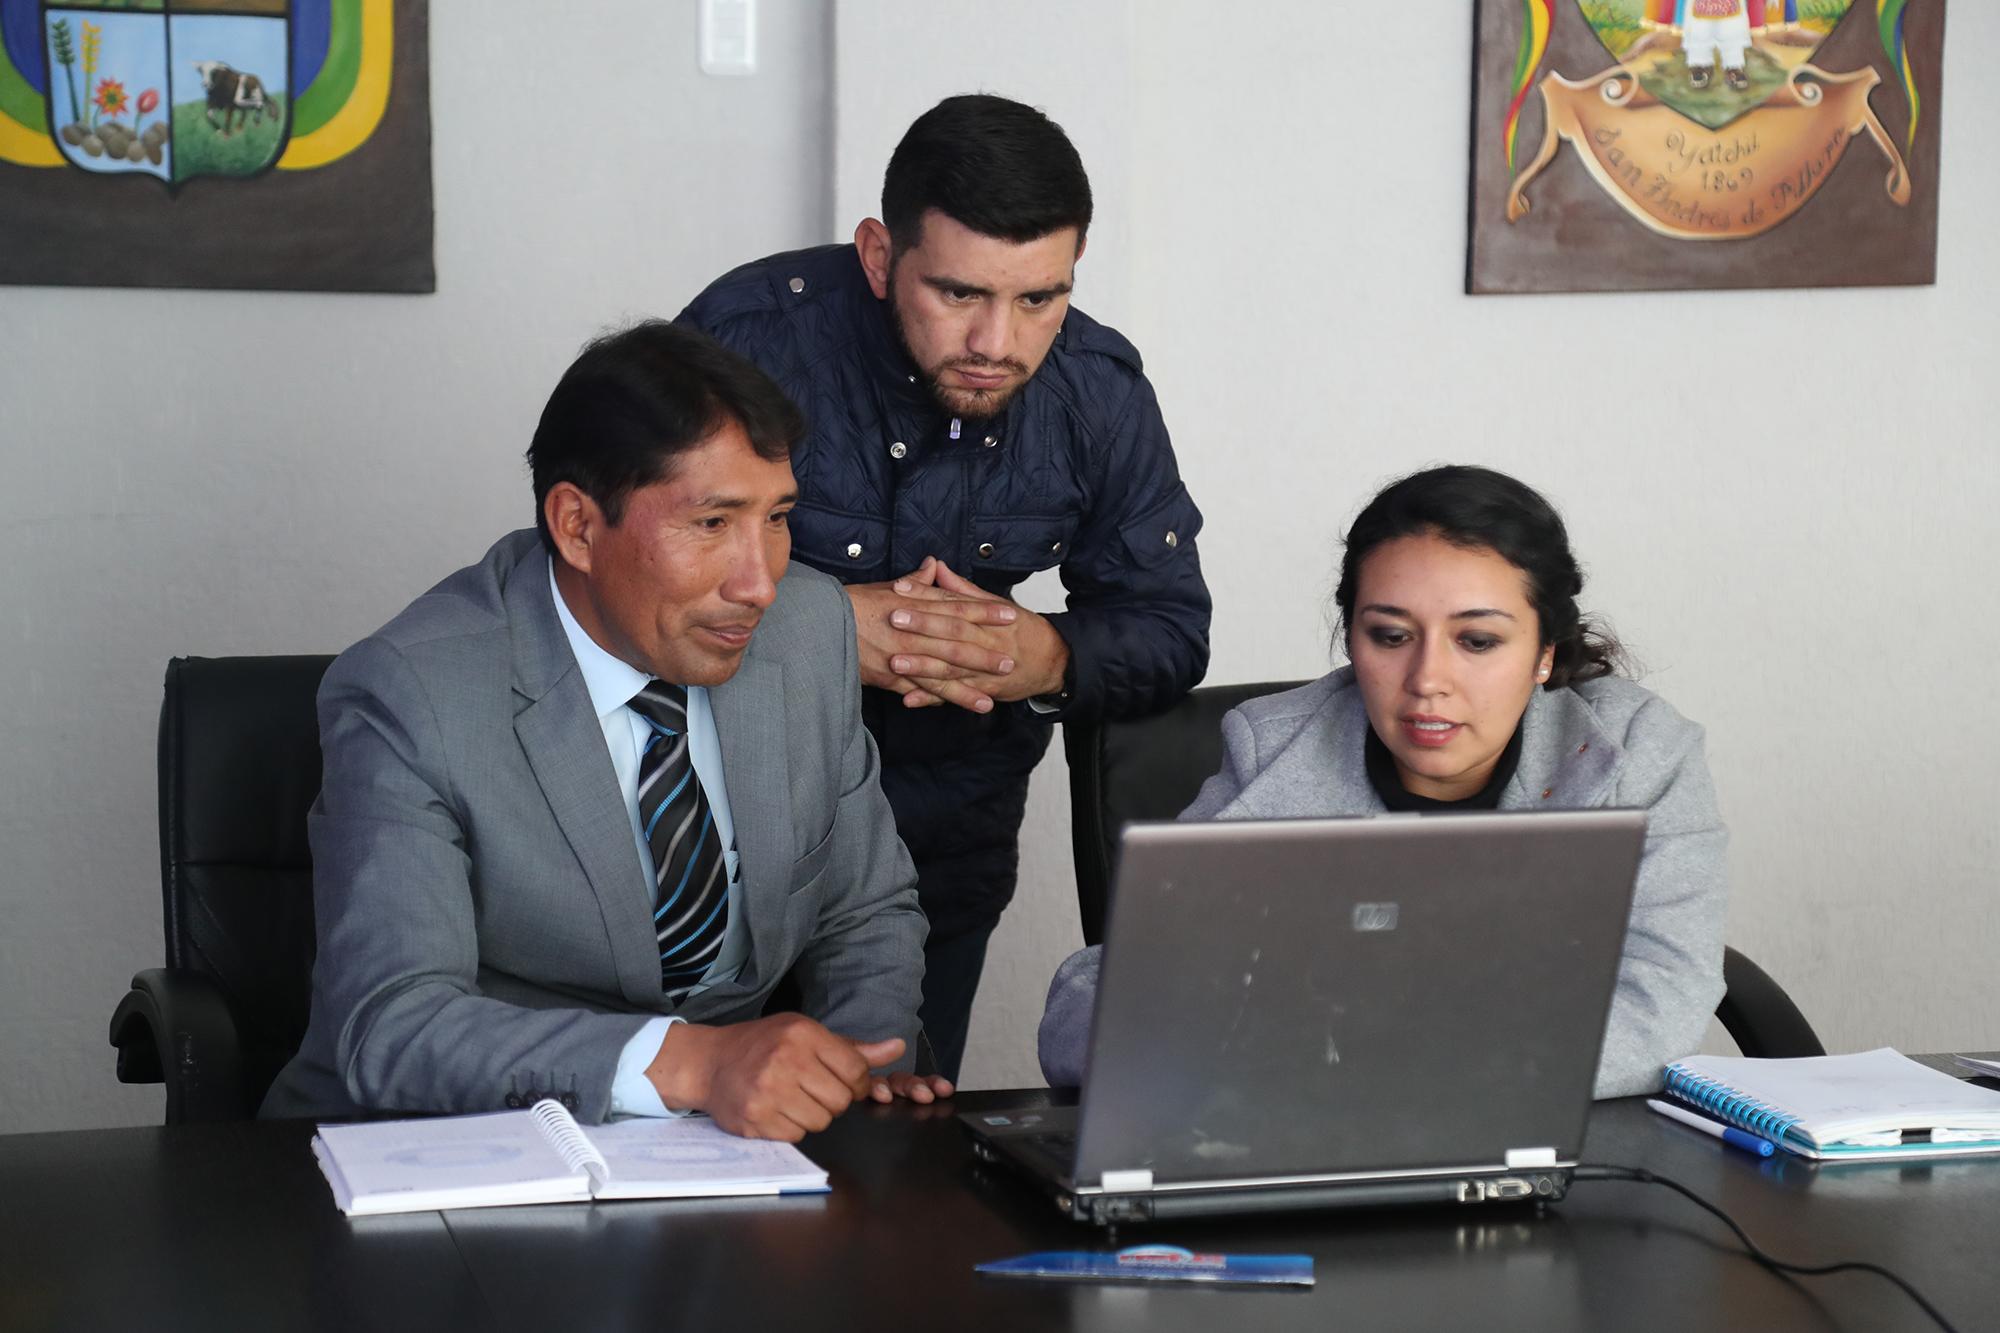 DEFINIDO EL RECORRIDO DE LA DIABLADA PILLAREÑA 2020 Y LOS DÍAS DE PARTICIPACIÓN DE CADA PARTIDA